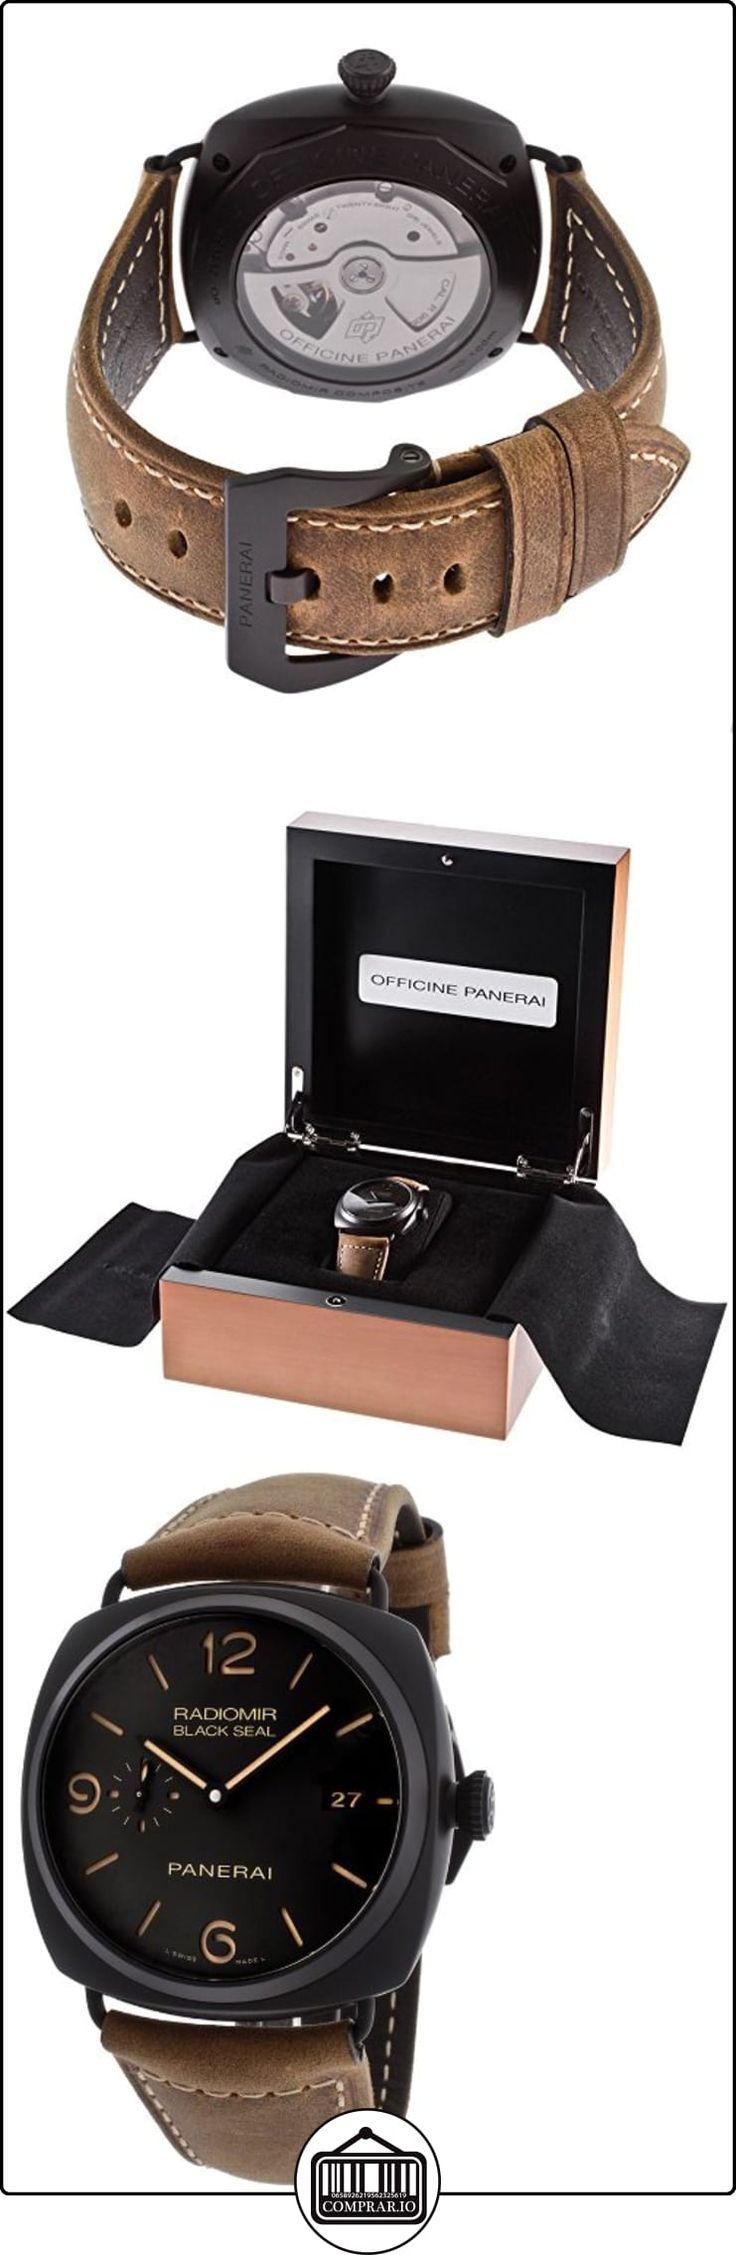 Hombre Radiomir Negro Sello automático negro Dial marrón piel auténtica de  ✿ Relojes para hombre - (Lujo) ✿